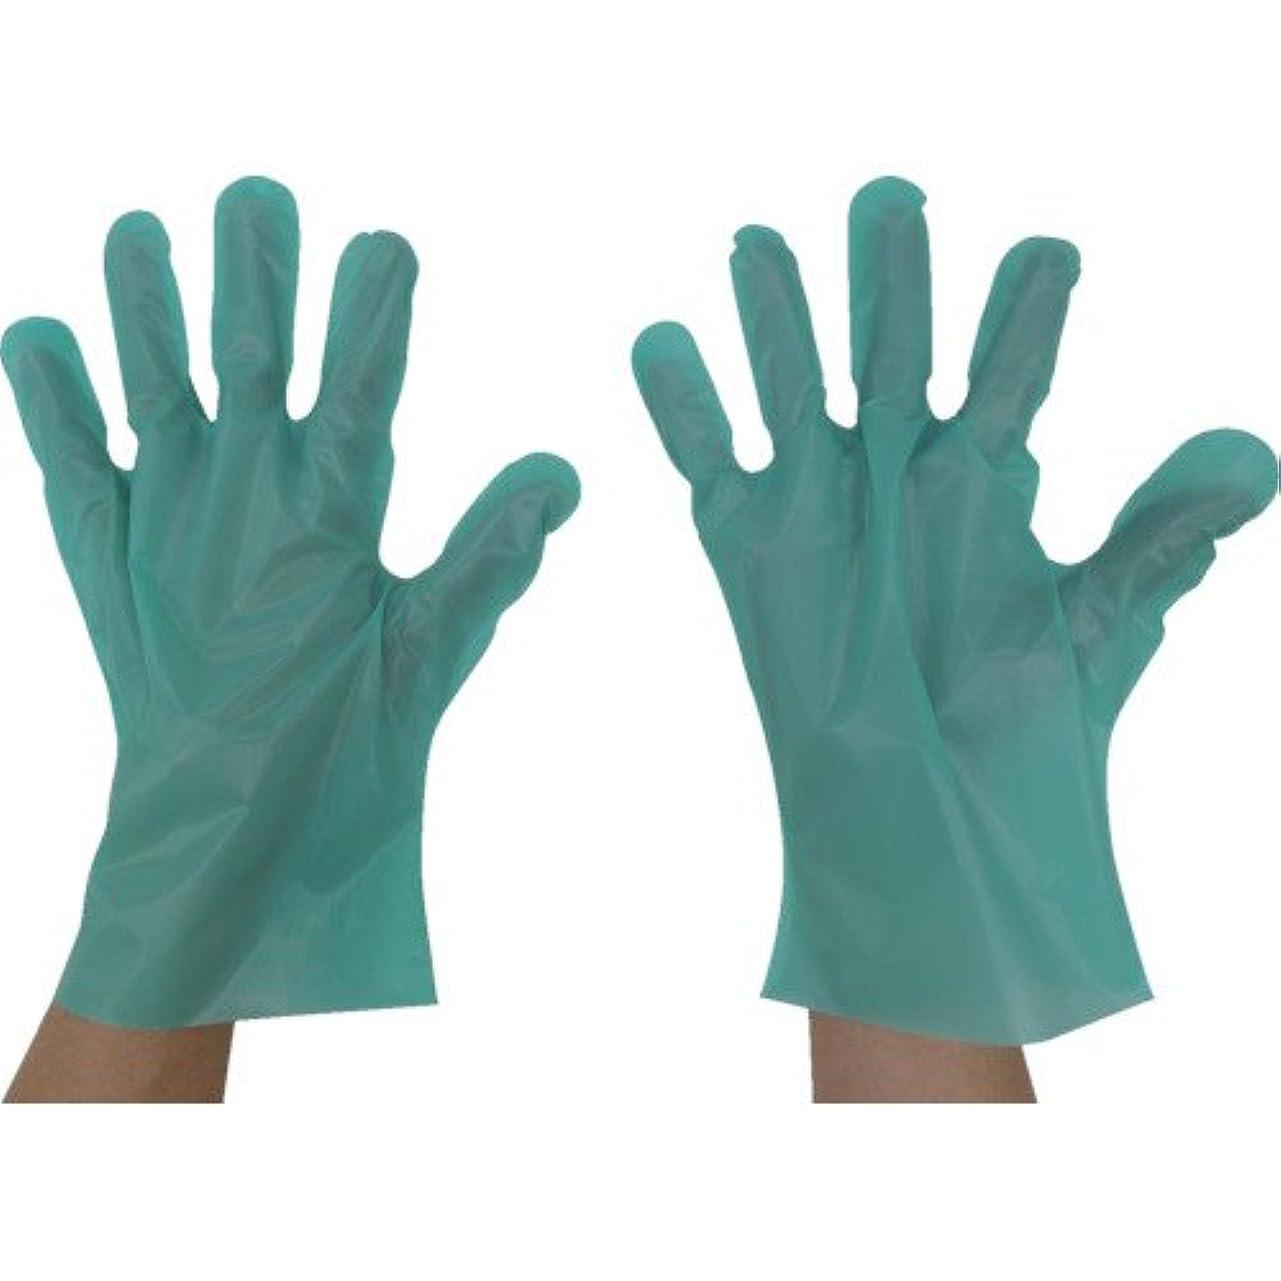 オフェンス教え臭い東京パック エンボス手袋五本絞りエコノミー化粧箱L グリーン(入数:200枚) GEK-L